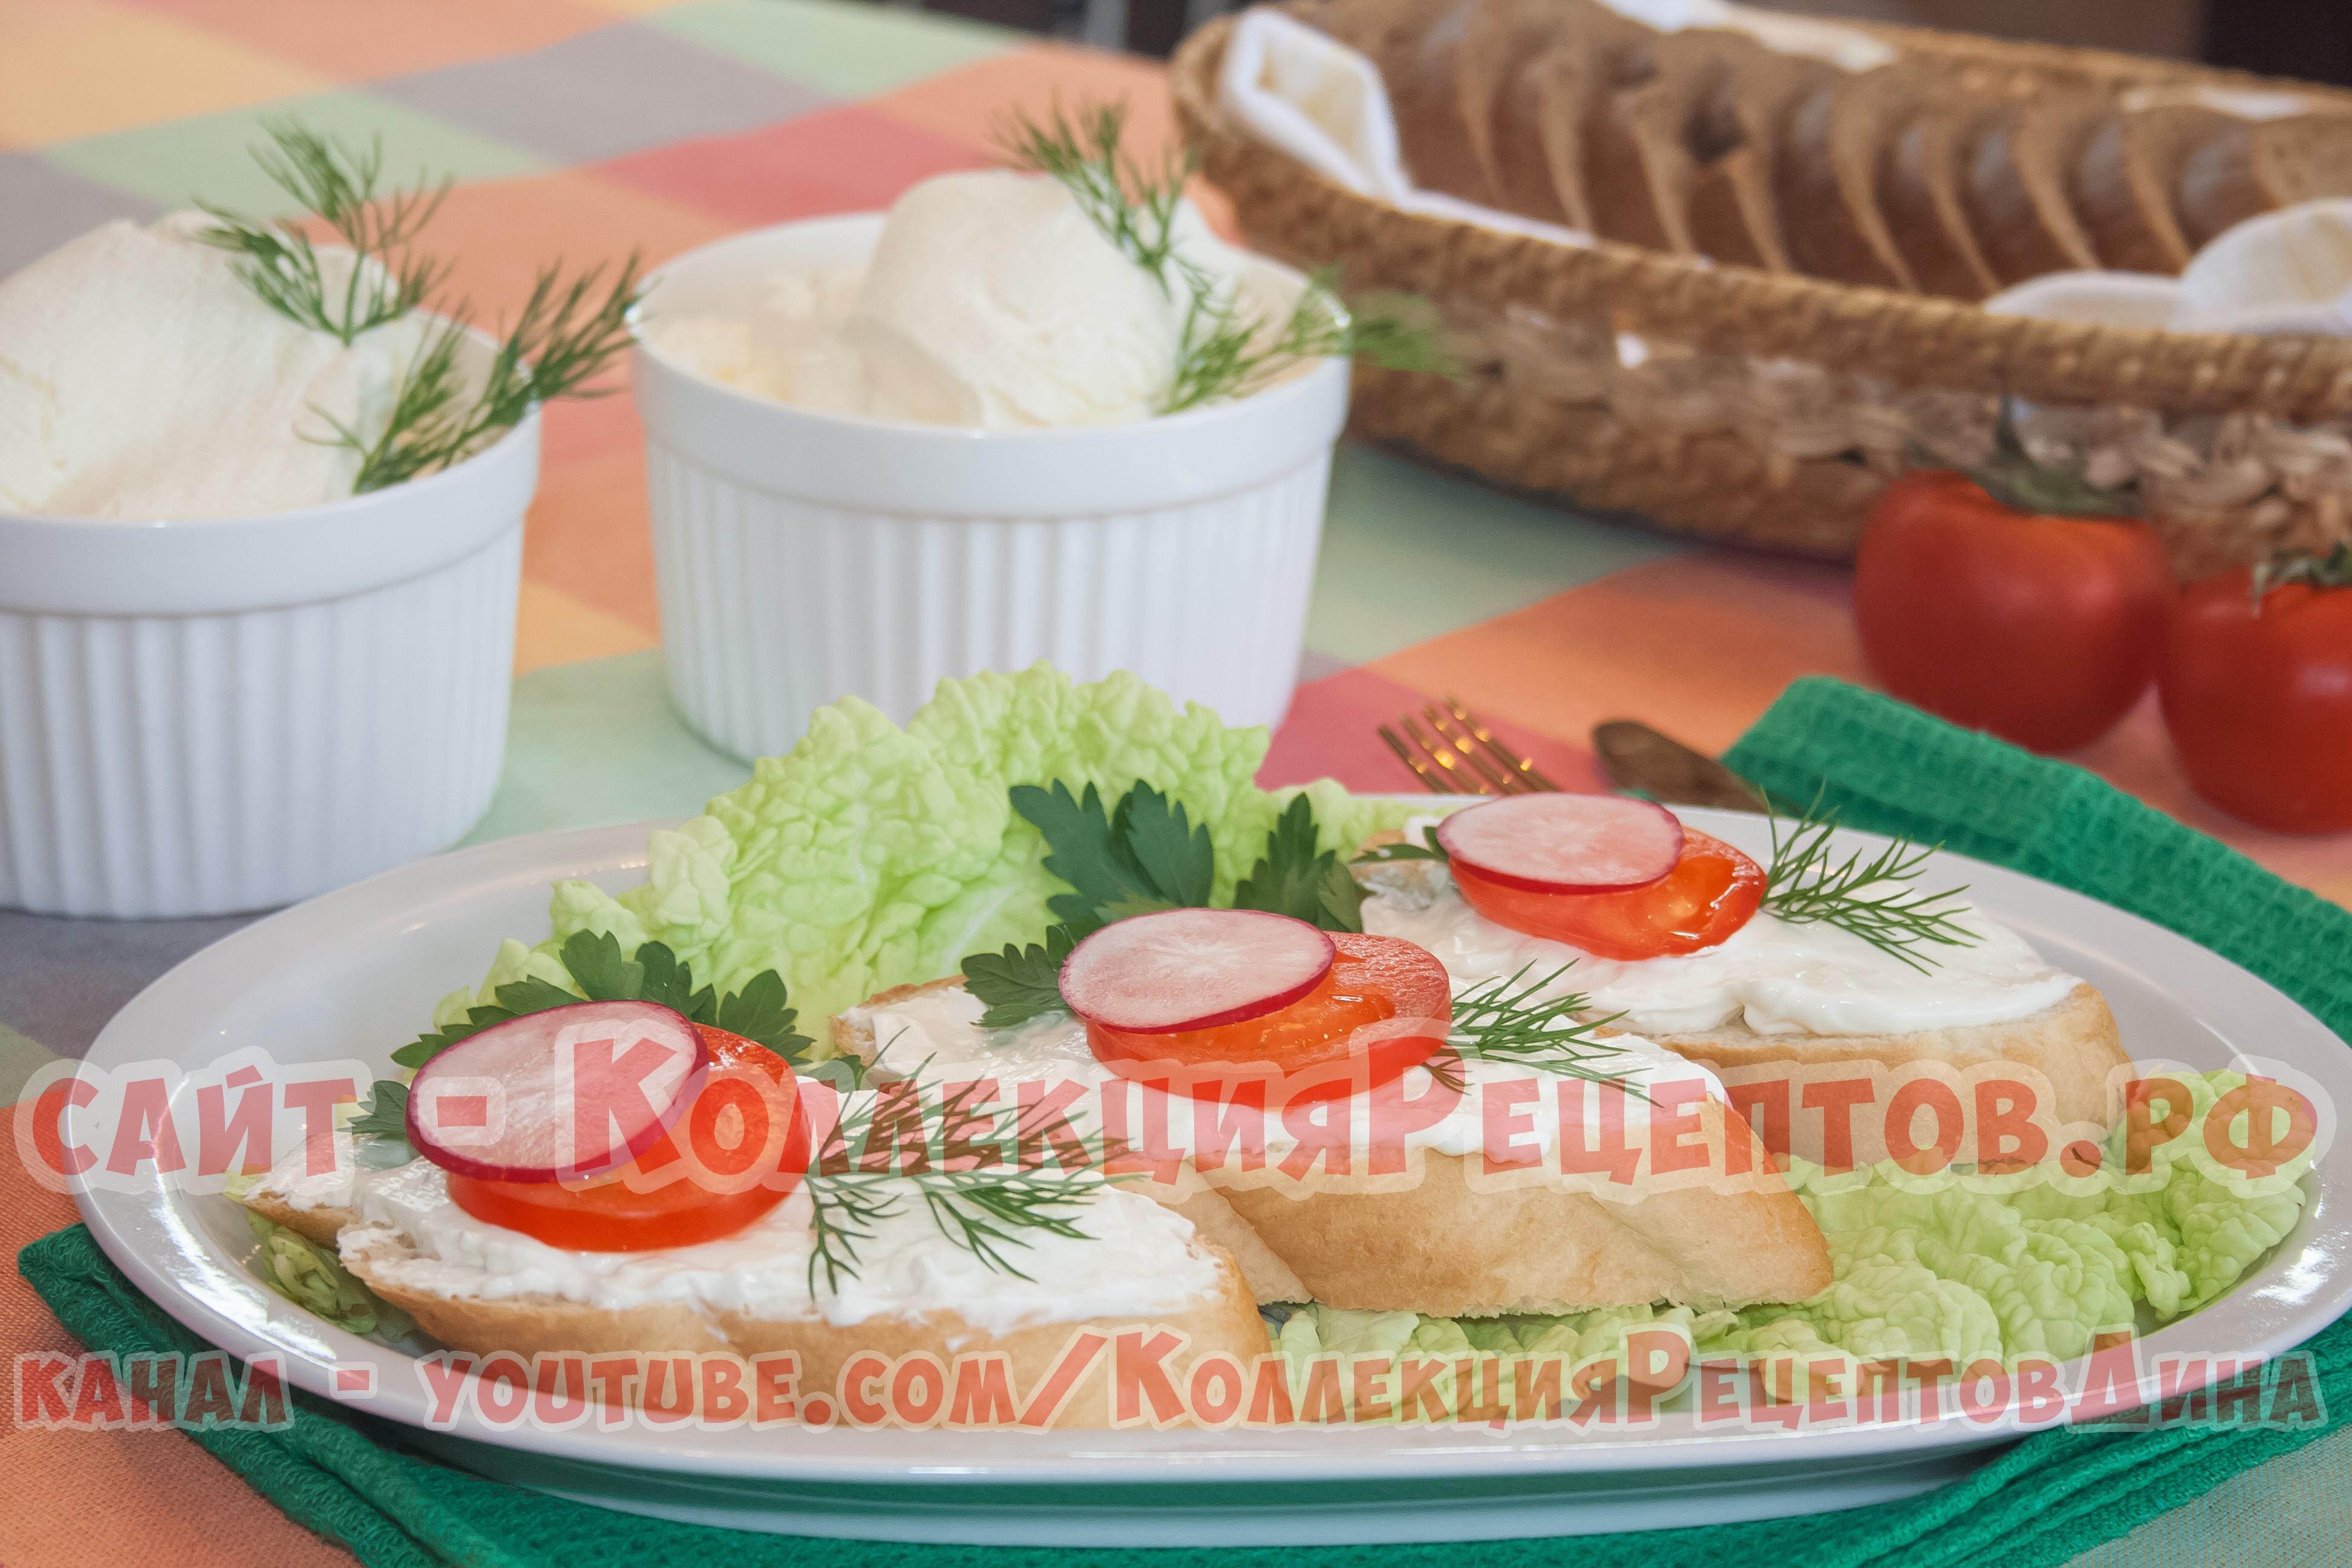 Сливочный сыр для роллов в домашних условиях рецепт пошагово